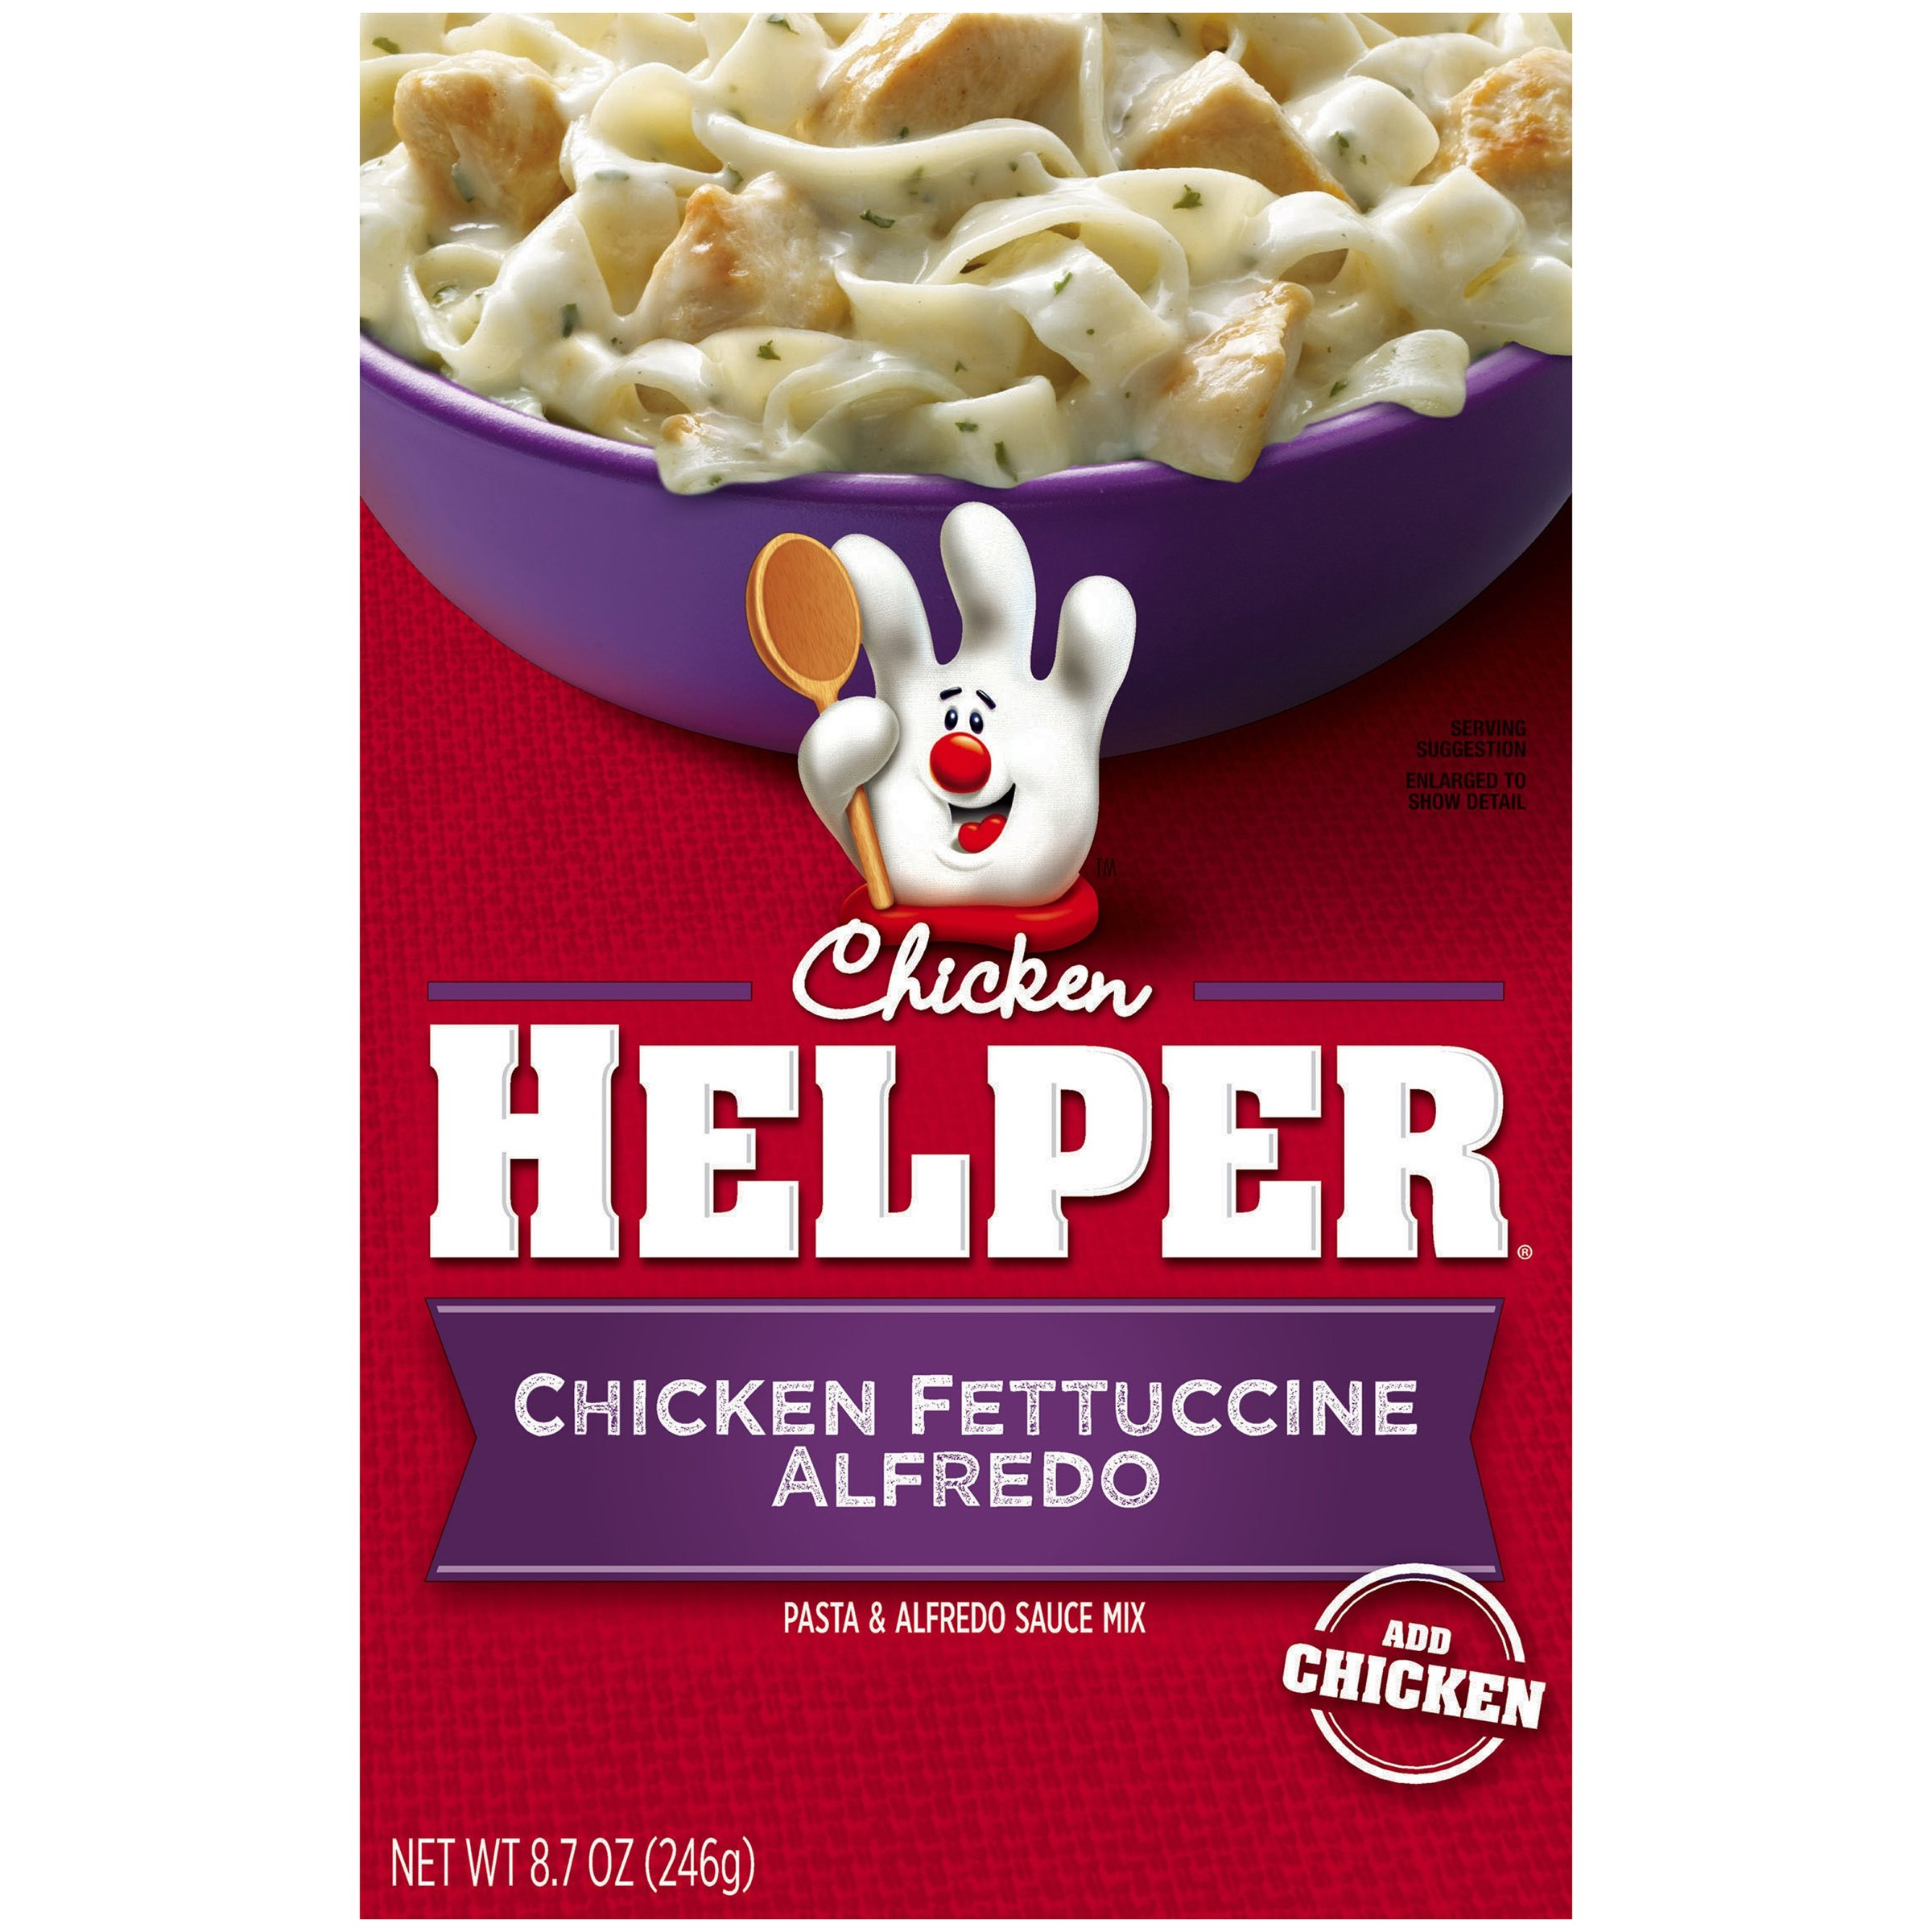 Betty Crocker Chicken Helper Fettuccine Alfredo 8.7 oz Box (pack of 12)